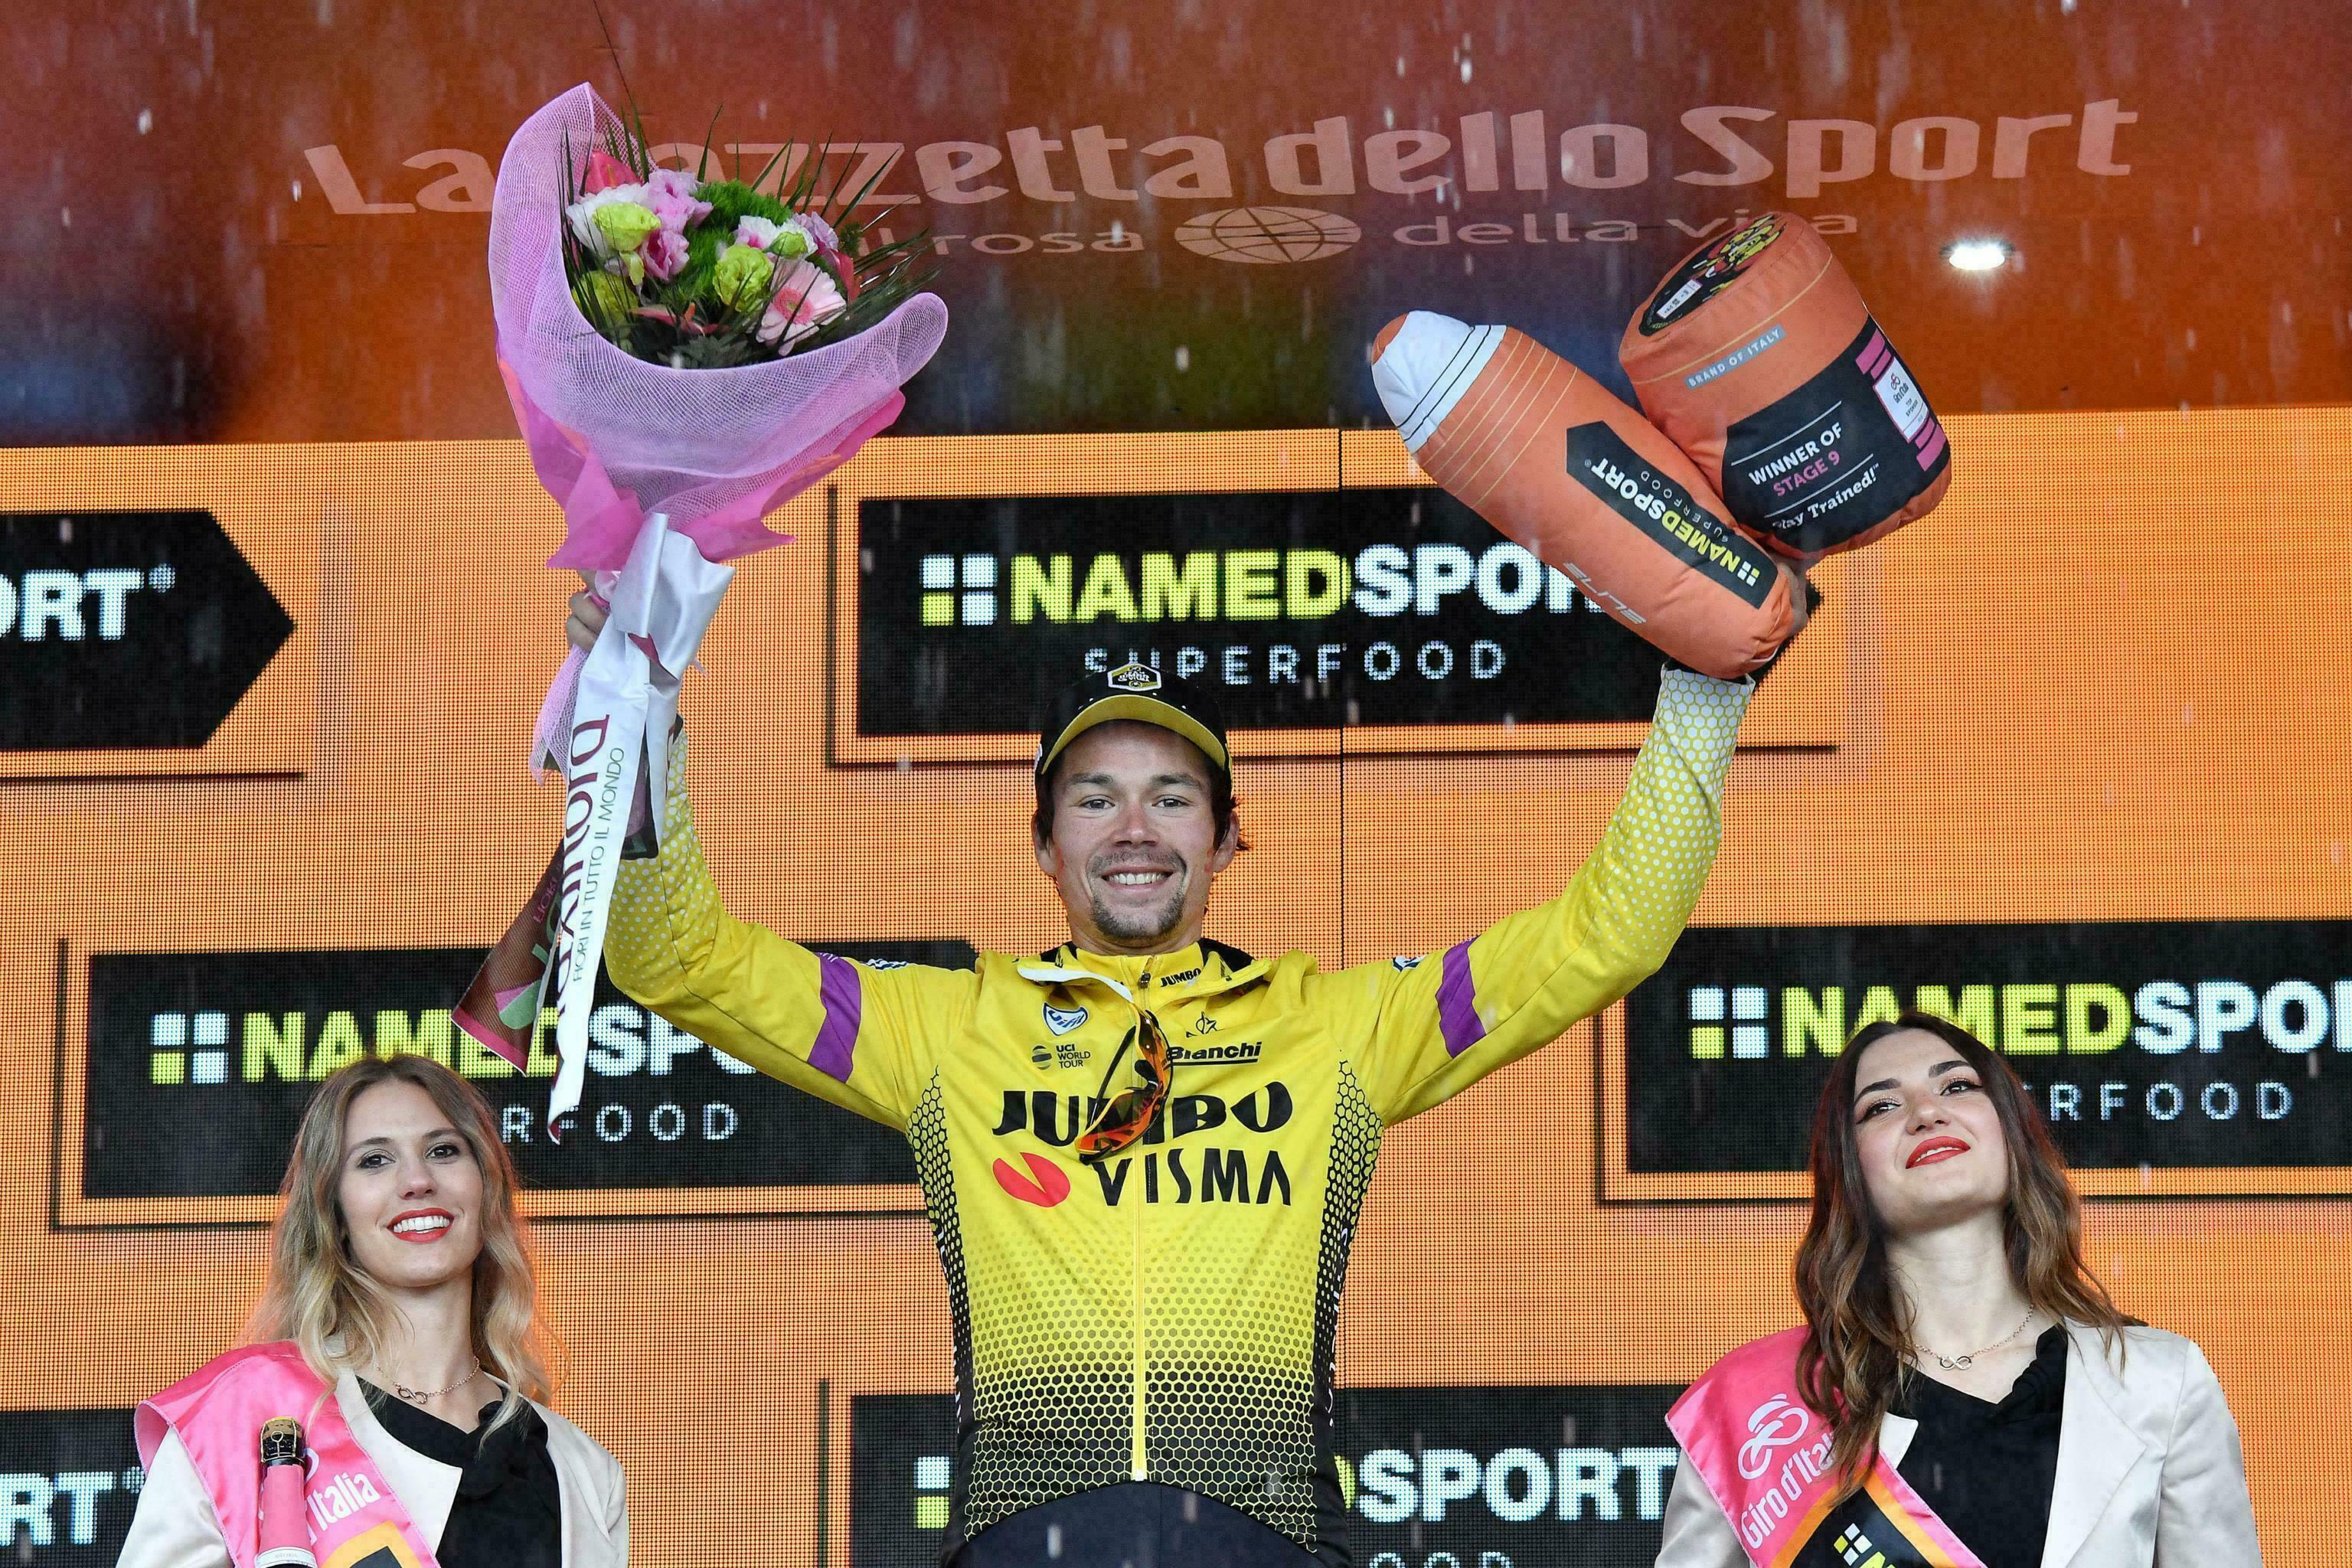 Roglic se lleva 9na etapa del Giro; Conti continúa al frente